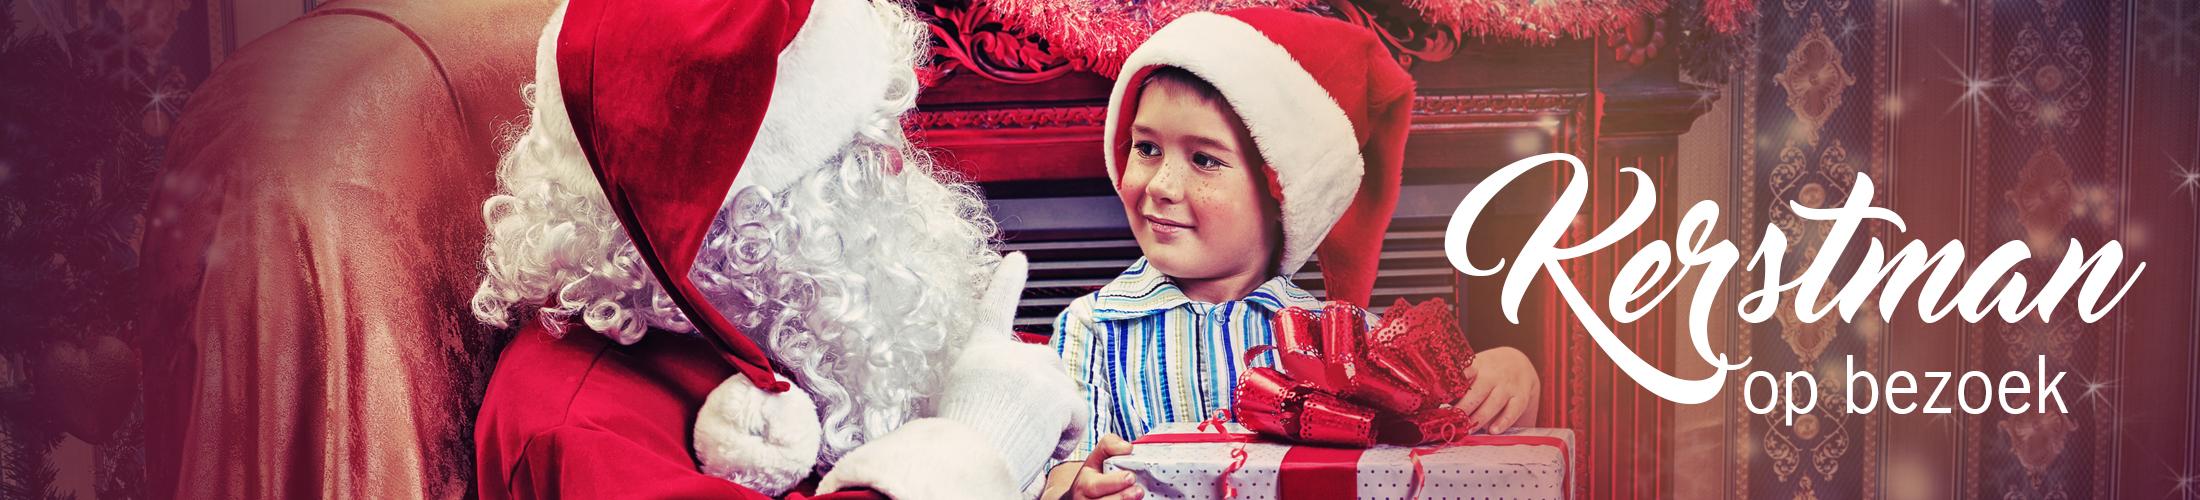 kerstman op bezoek, huisbezoek kerstman, winkelcentrum